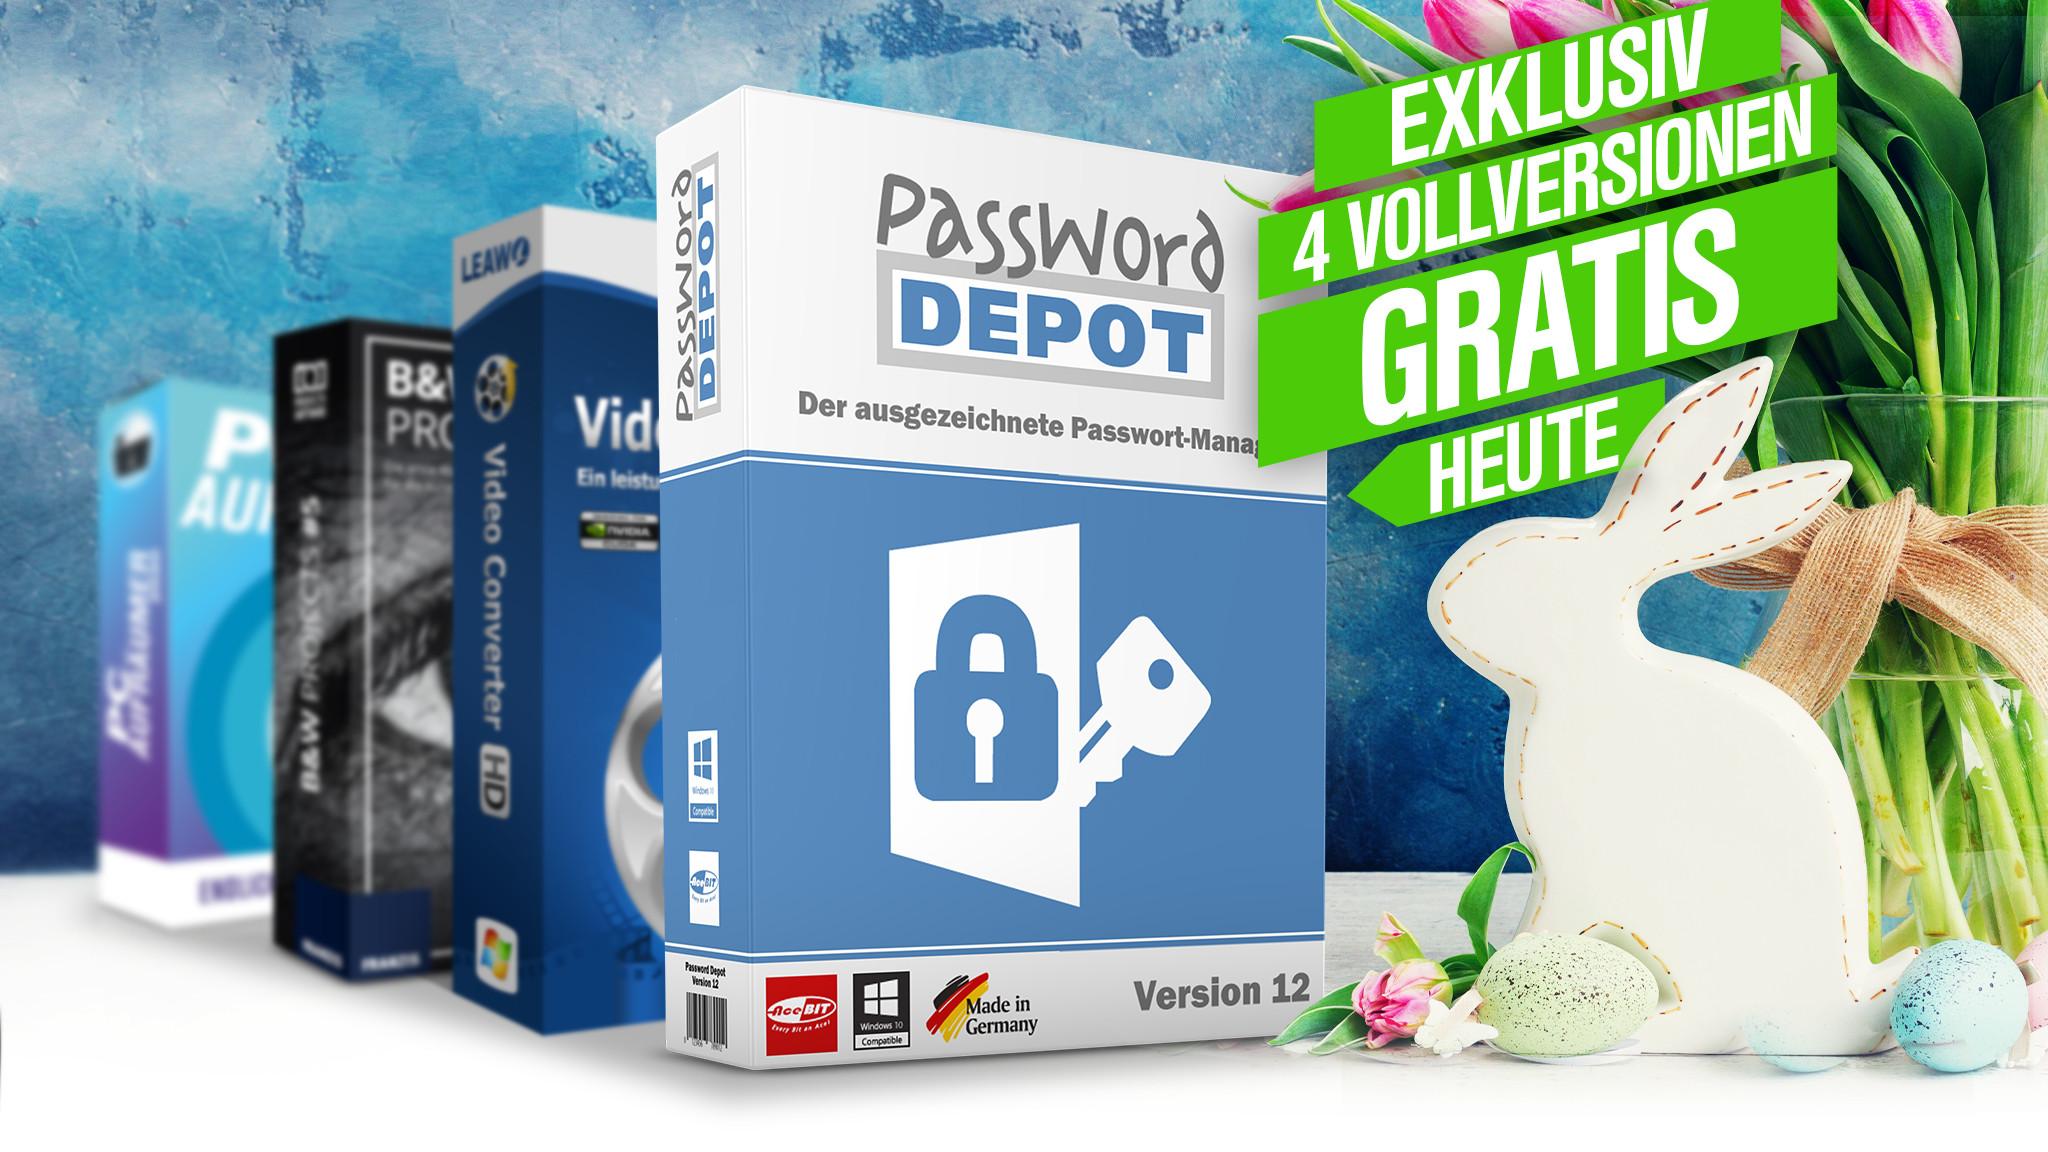 Exklusive Vollversion: Log-in-Daten sicher verwalten mit Password Depot 12©iStock.com/neirfy